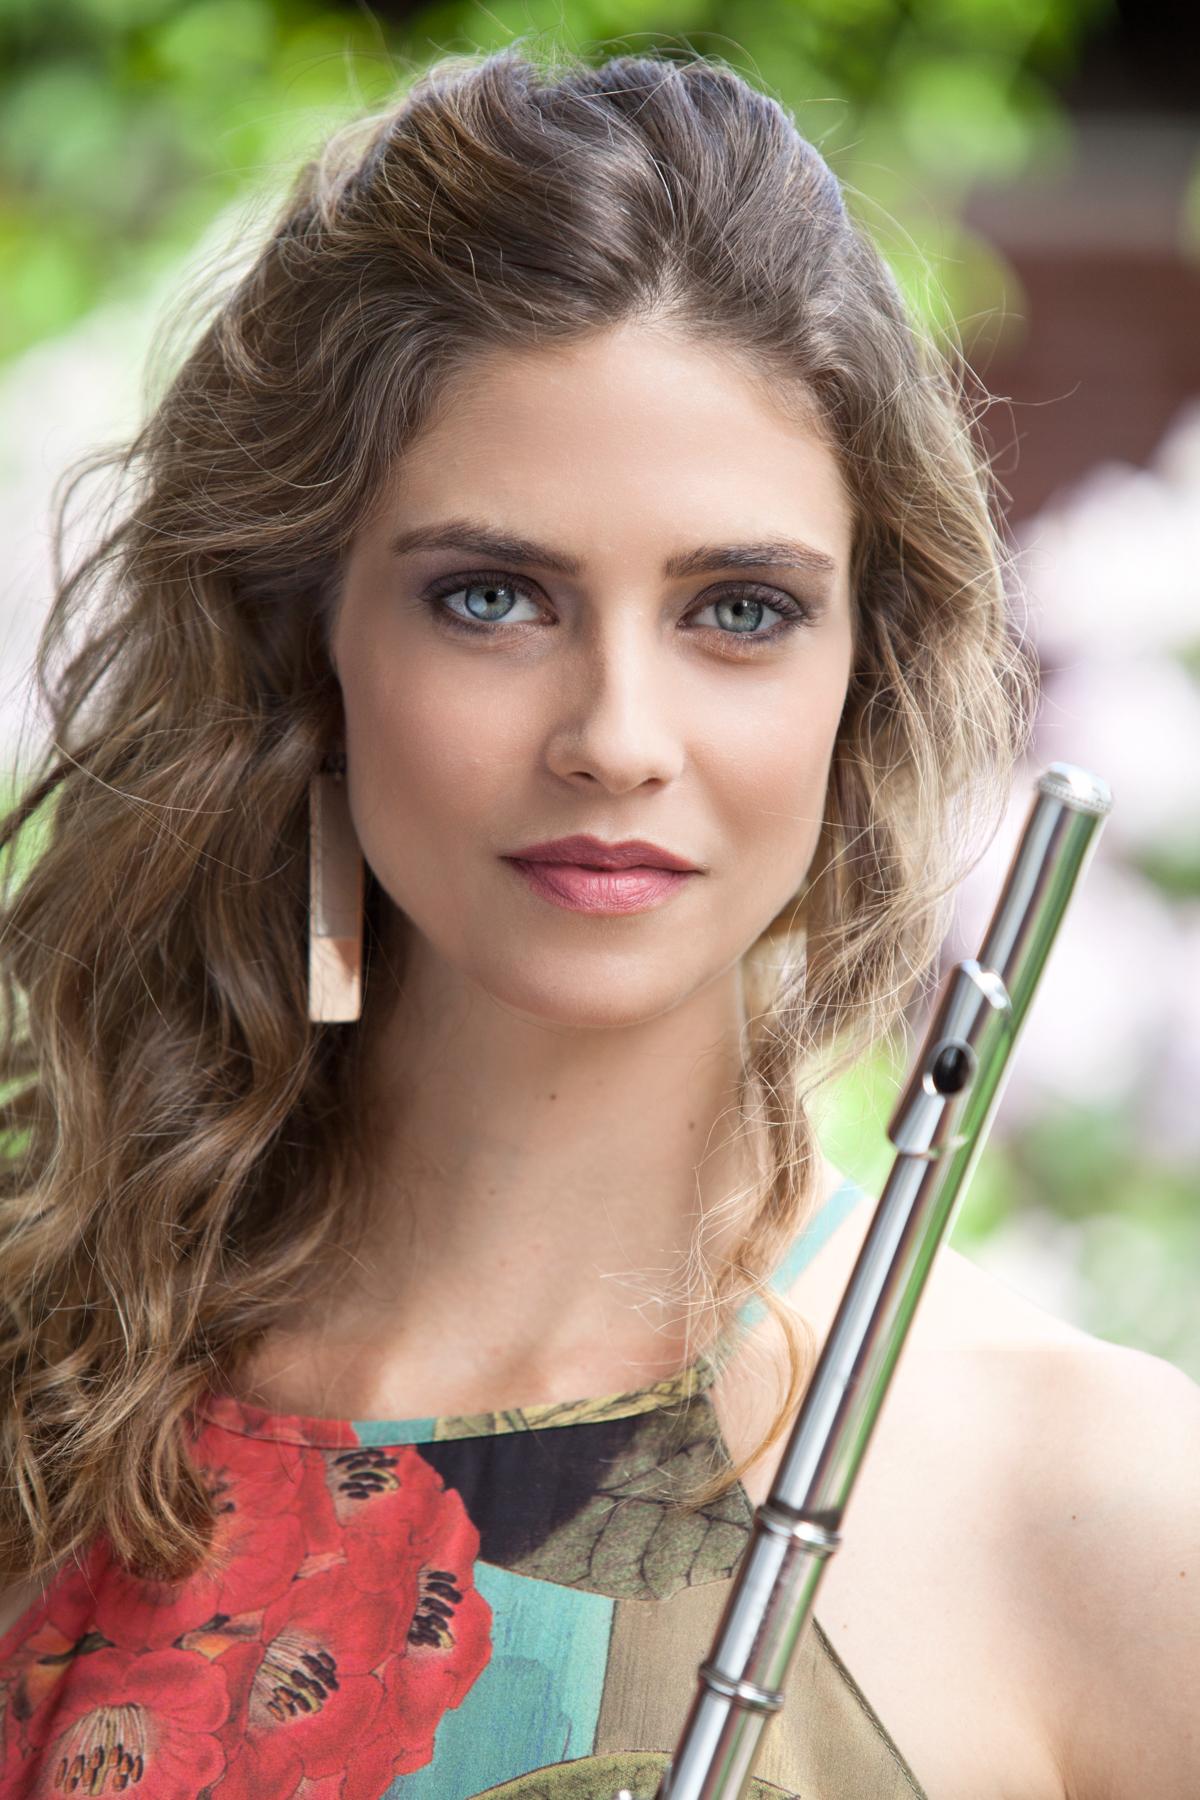 Sofia Ceccato